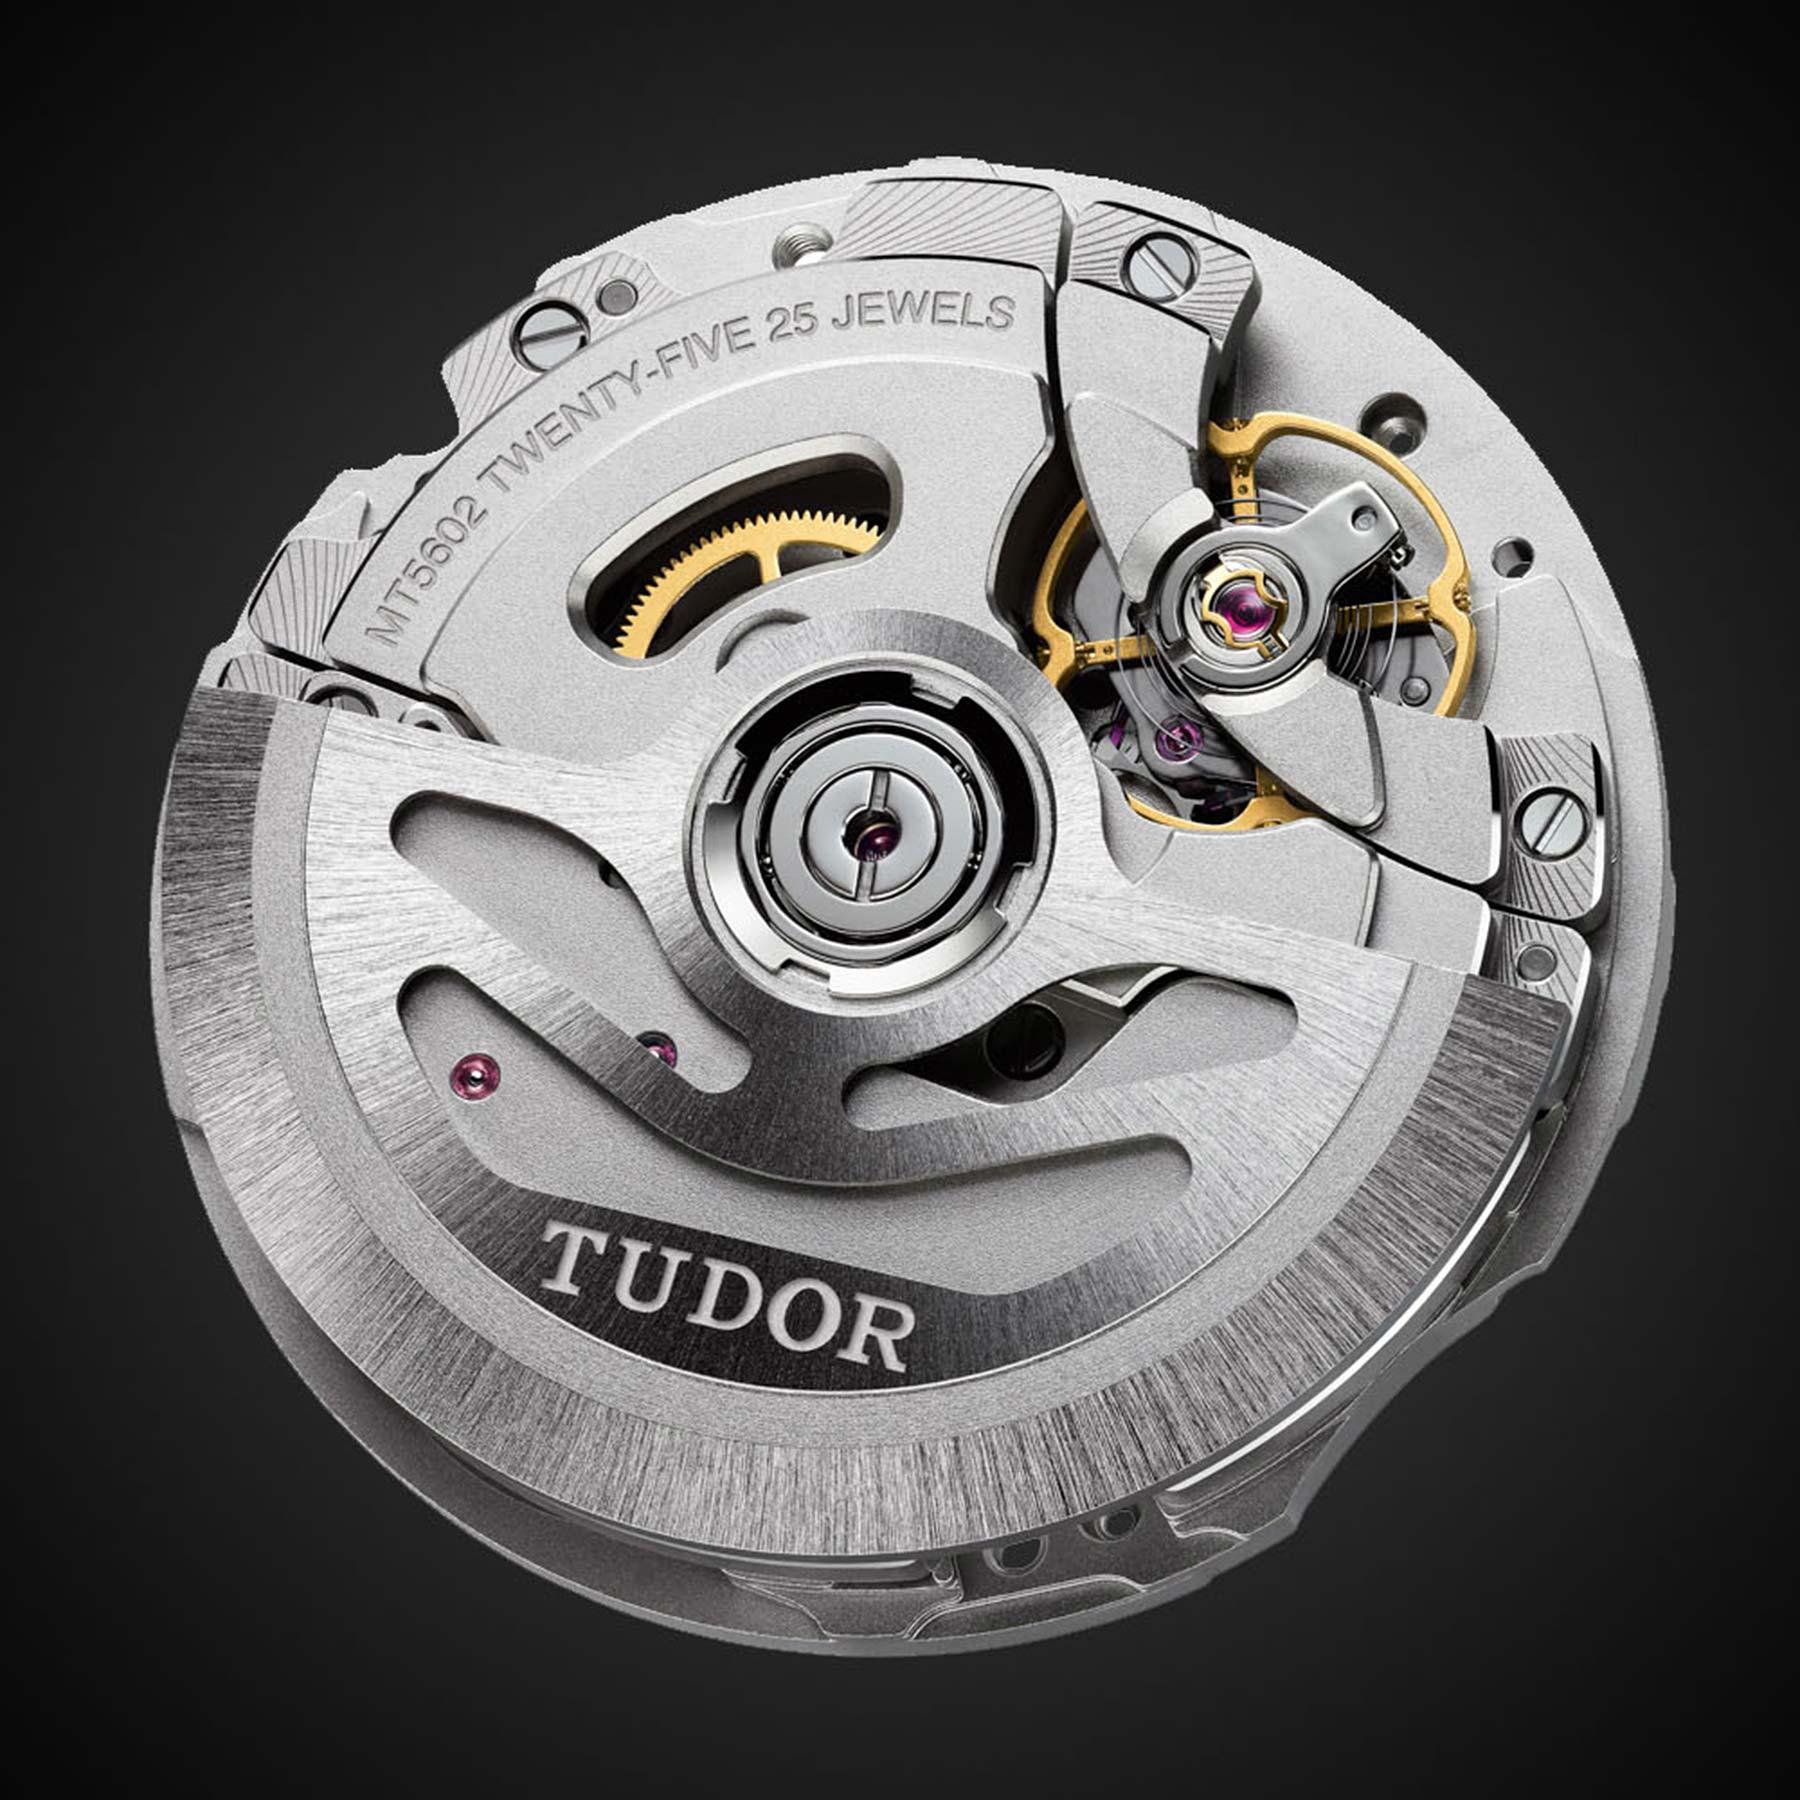 Tudor MT5602